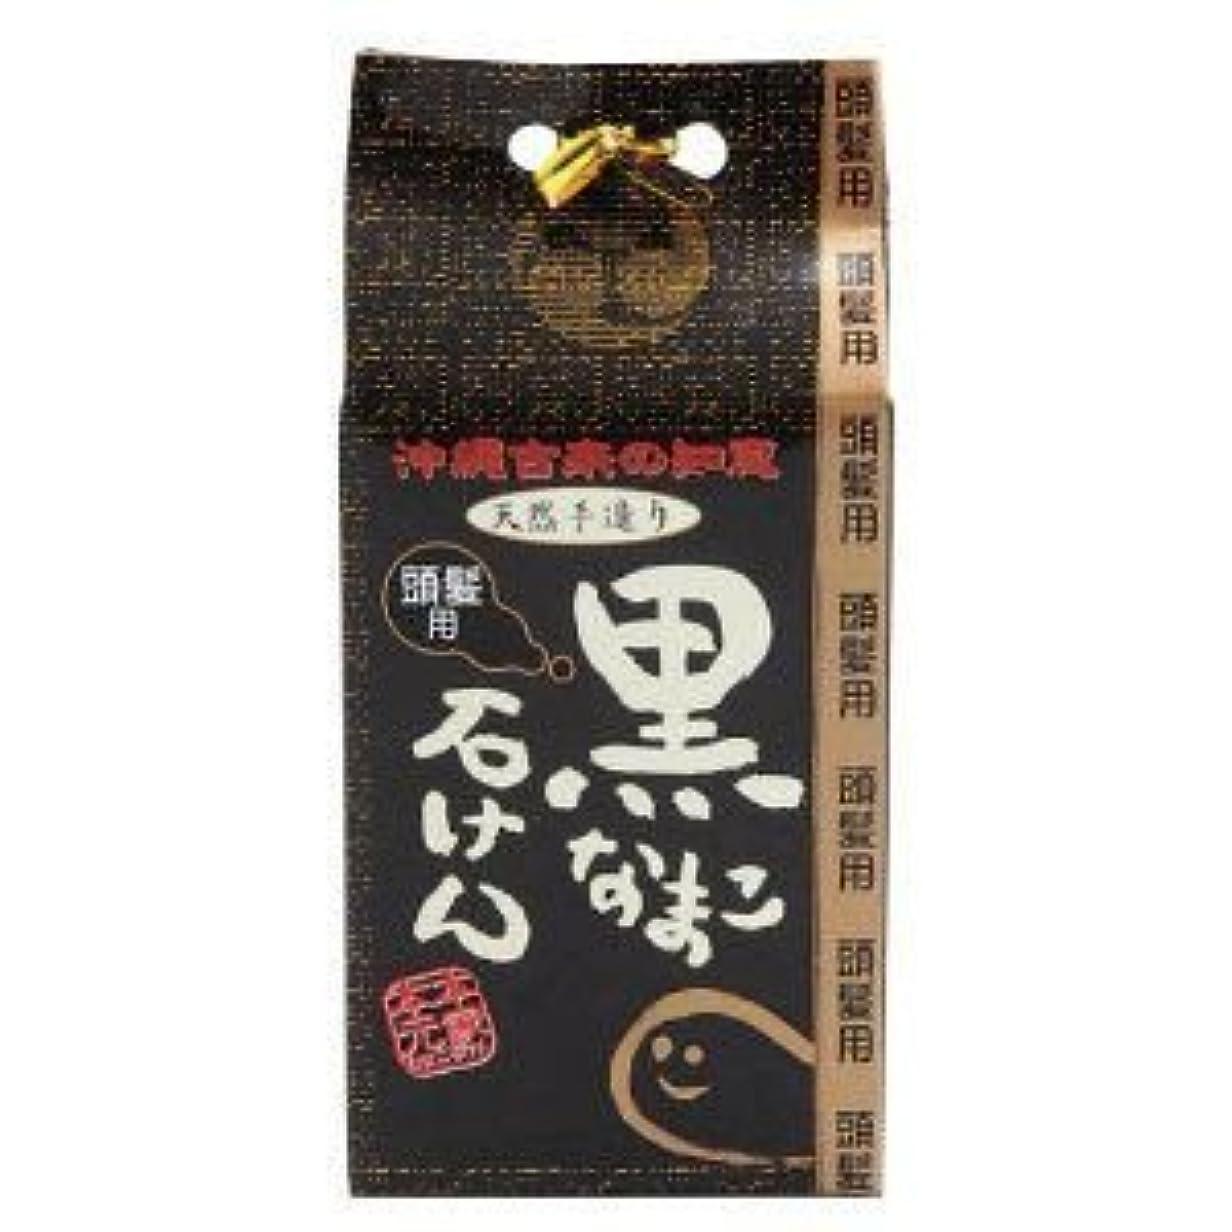 蜂読む狂った黒なまこ石けん 90g  2個セット ※素材のひとつひとつにこだわった石鹸シャンプーです。